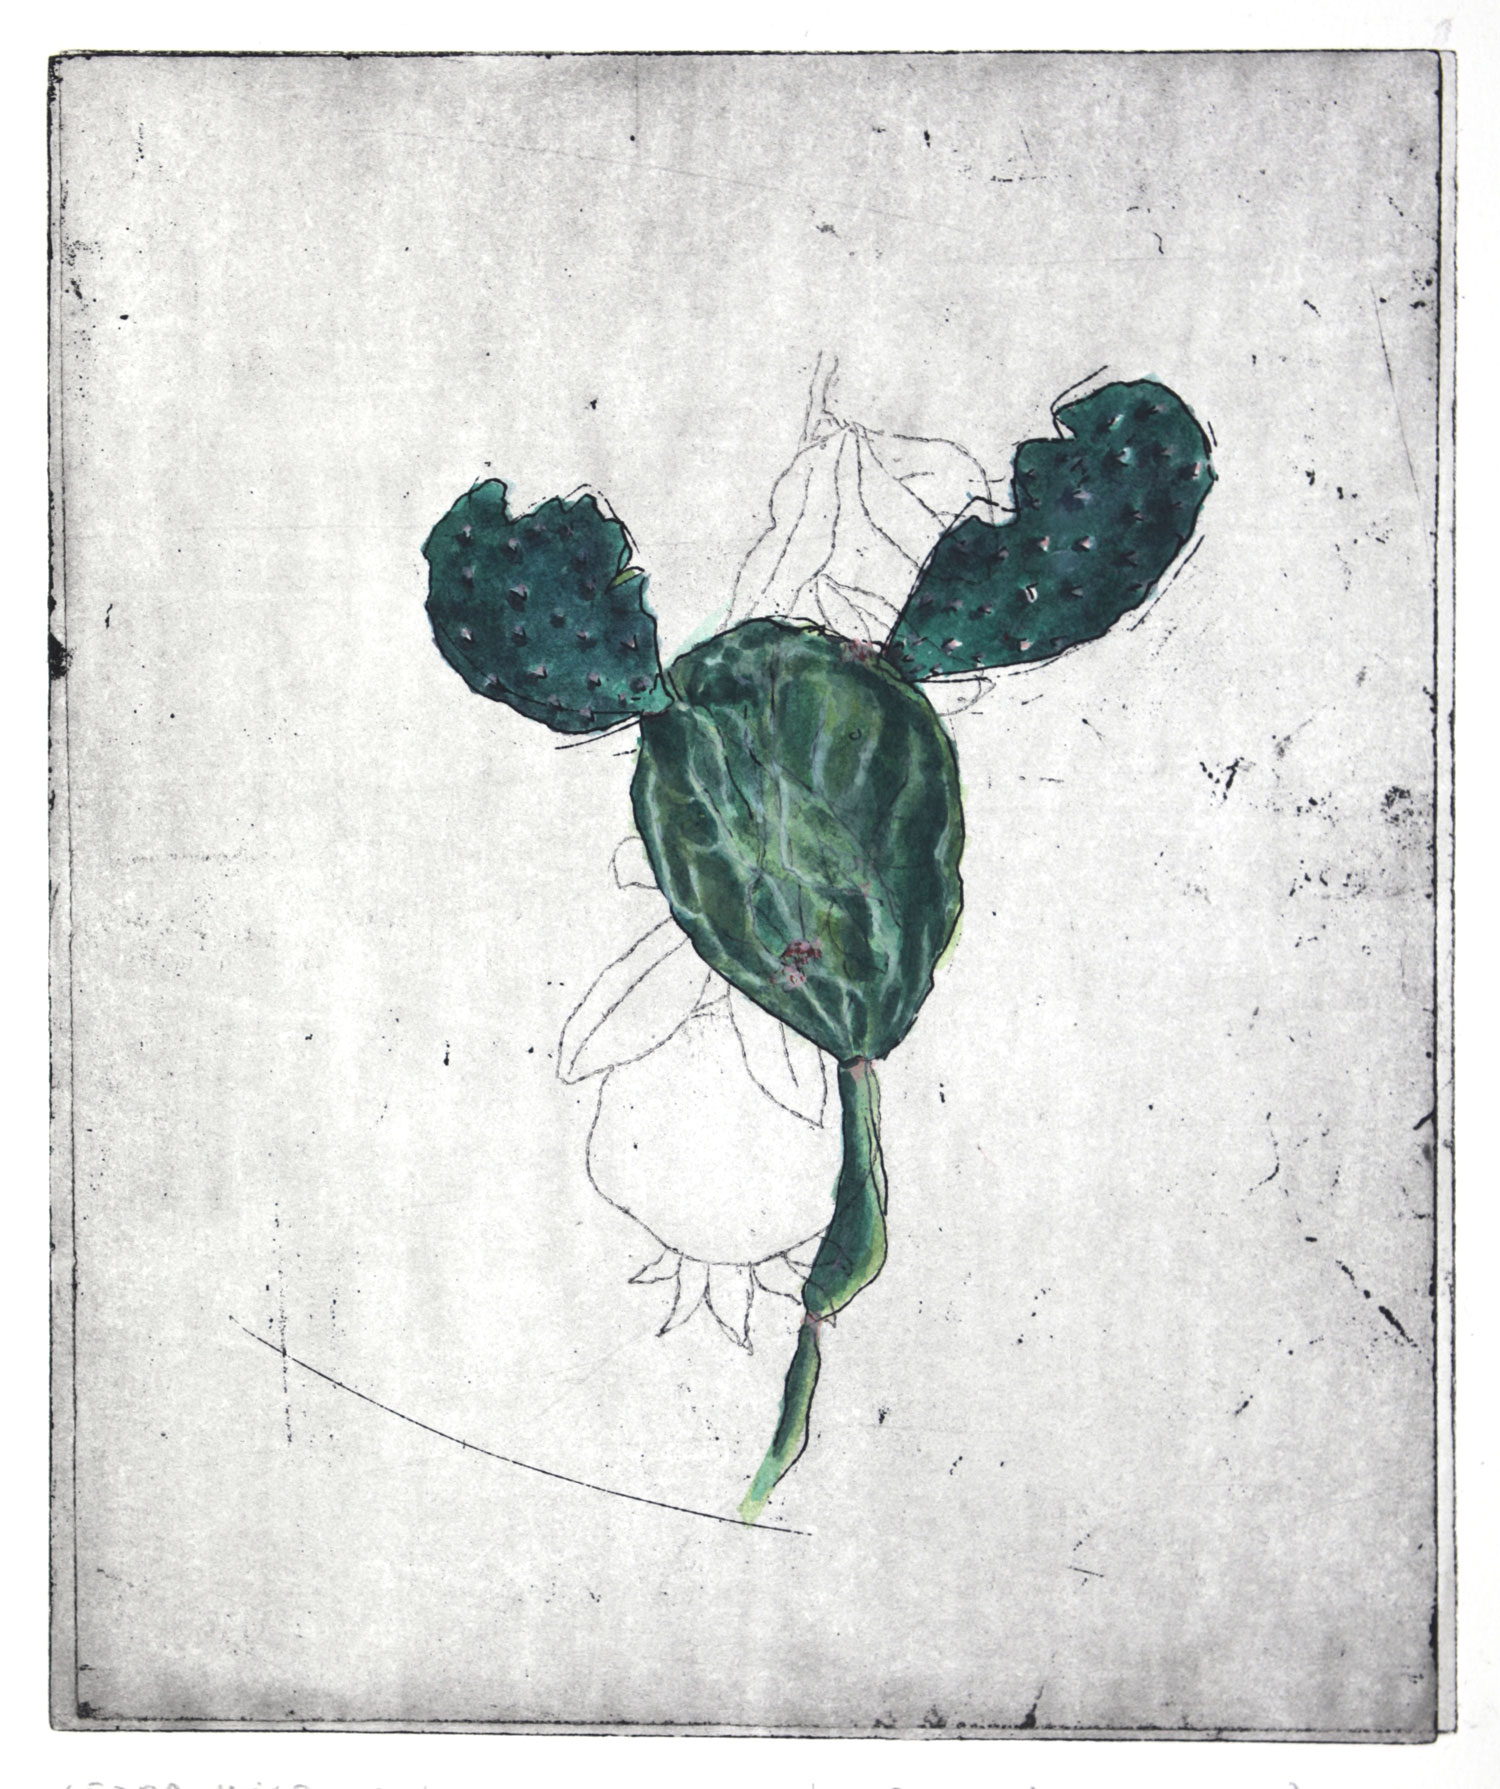 Opuntia ficus-indica